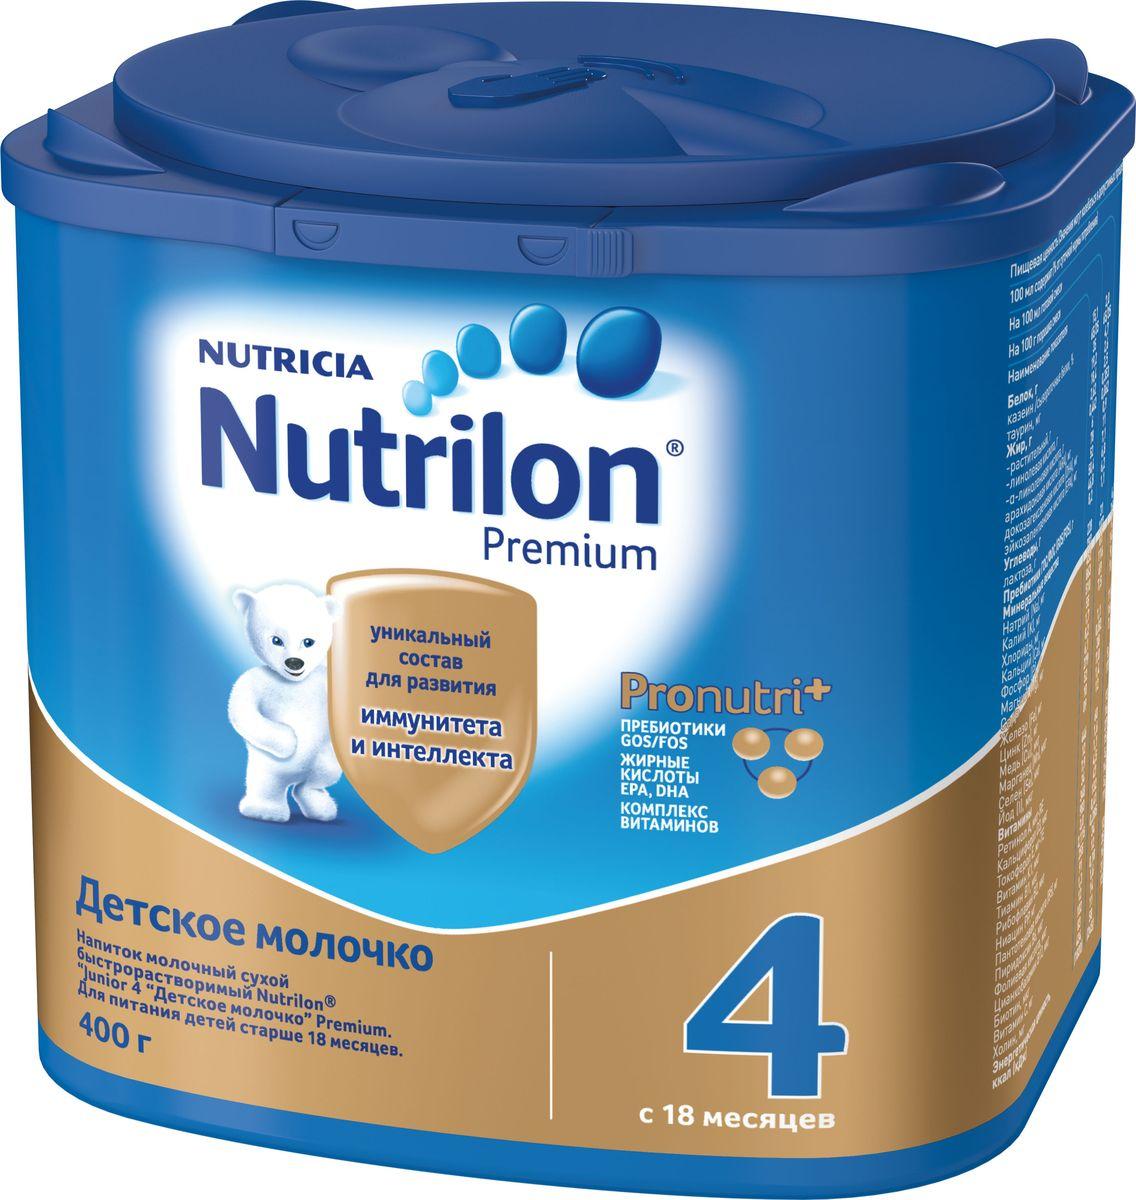 Nutrilon Джуниор Премиум 4 детское молочко PronutriPlus, с 18 месяцев, 400 г детское молочко малютка 4 с 18 мес 600 г